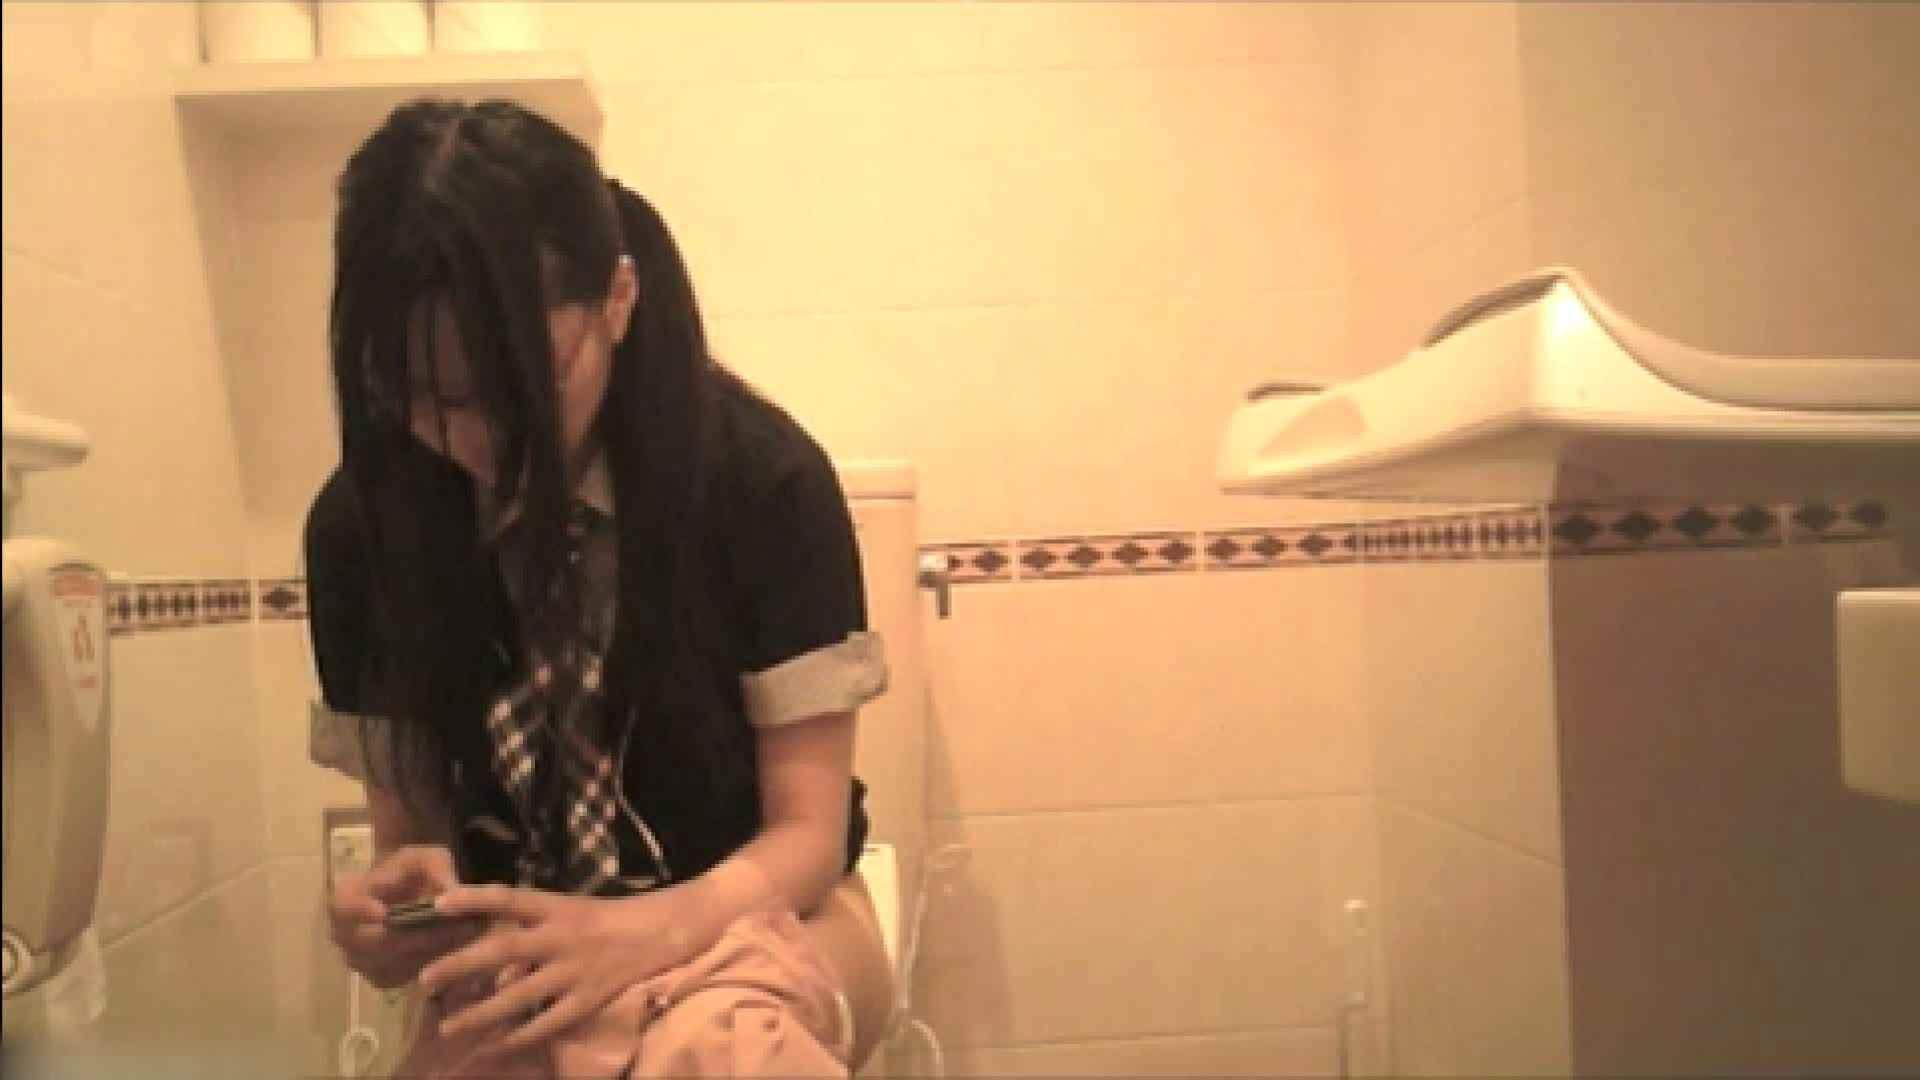 実録!!綺麗なお姉さんのトイレ事情・・・。vol.19 OLの実態 | パンツ大放出  33pic 16